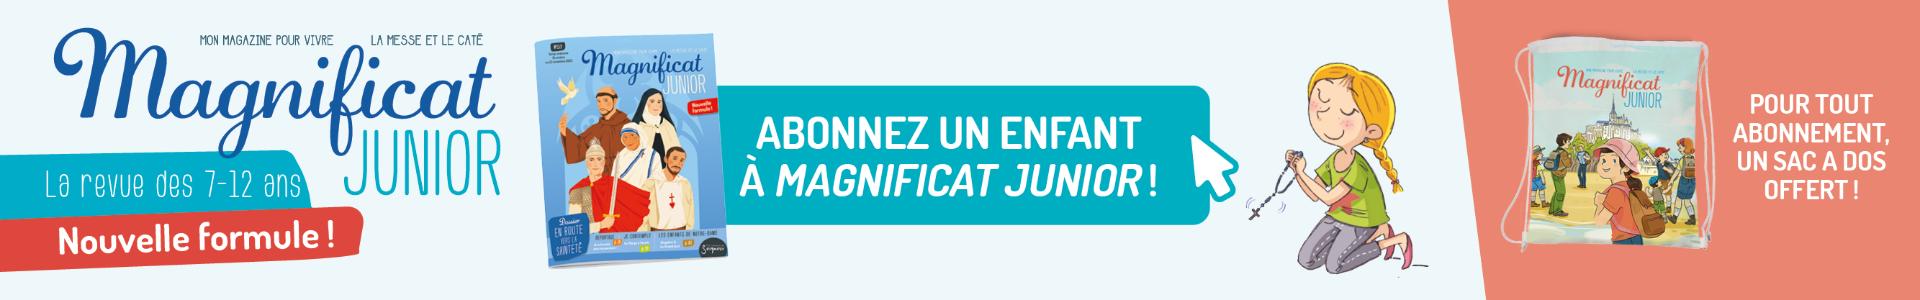 Magnificat Junior Nouvelle formule